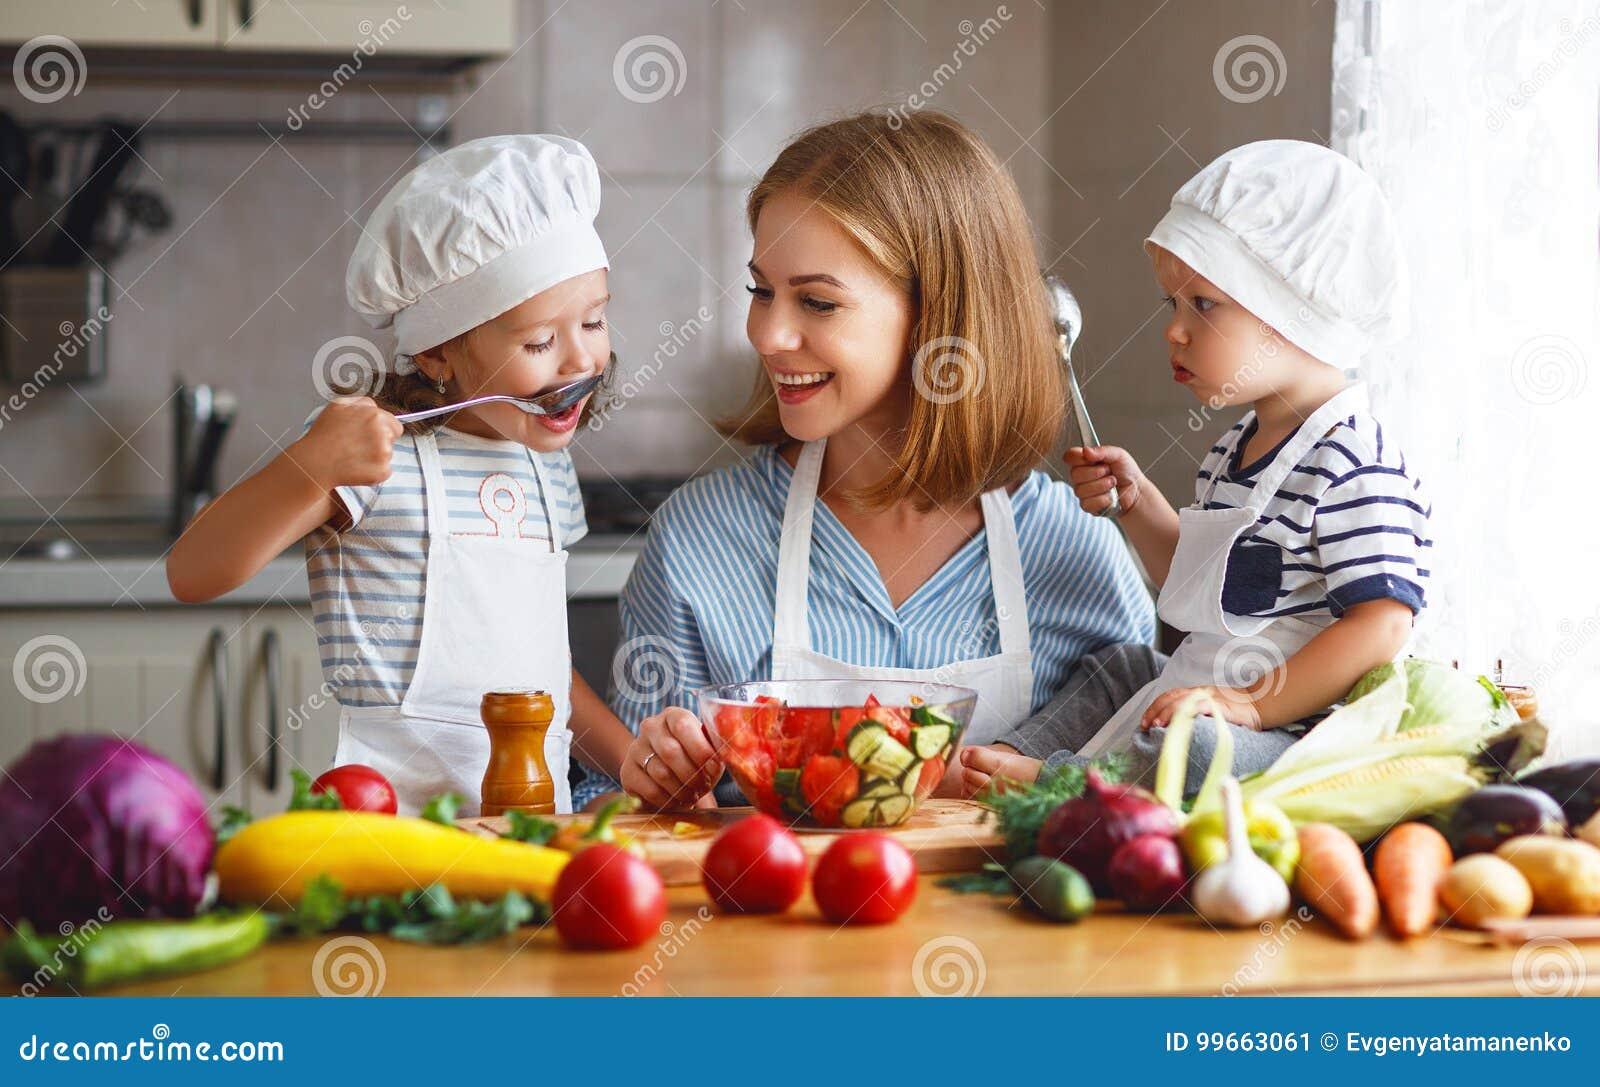 Gesundes Essen Glückliche Familienmutter und -kinder bereitet Gemüsesalat zu